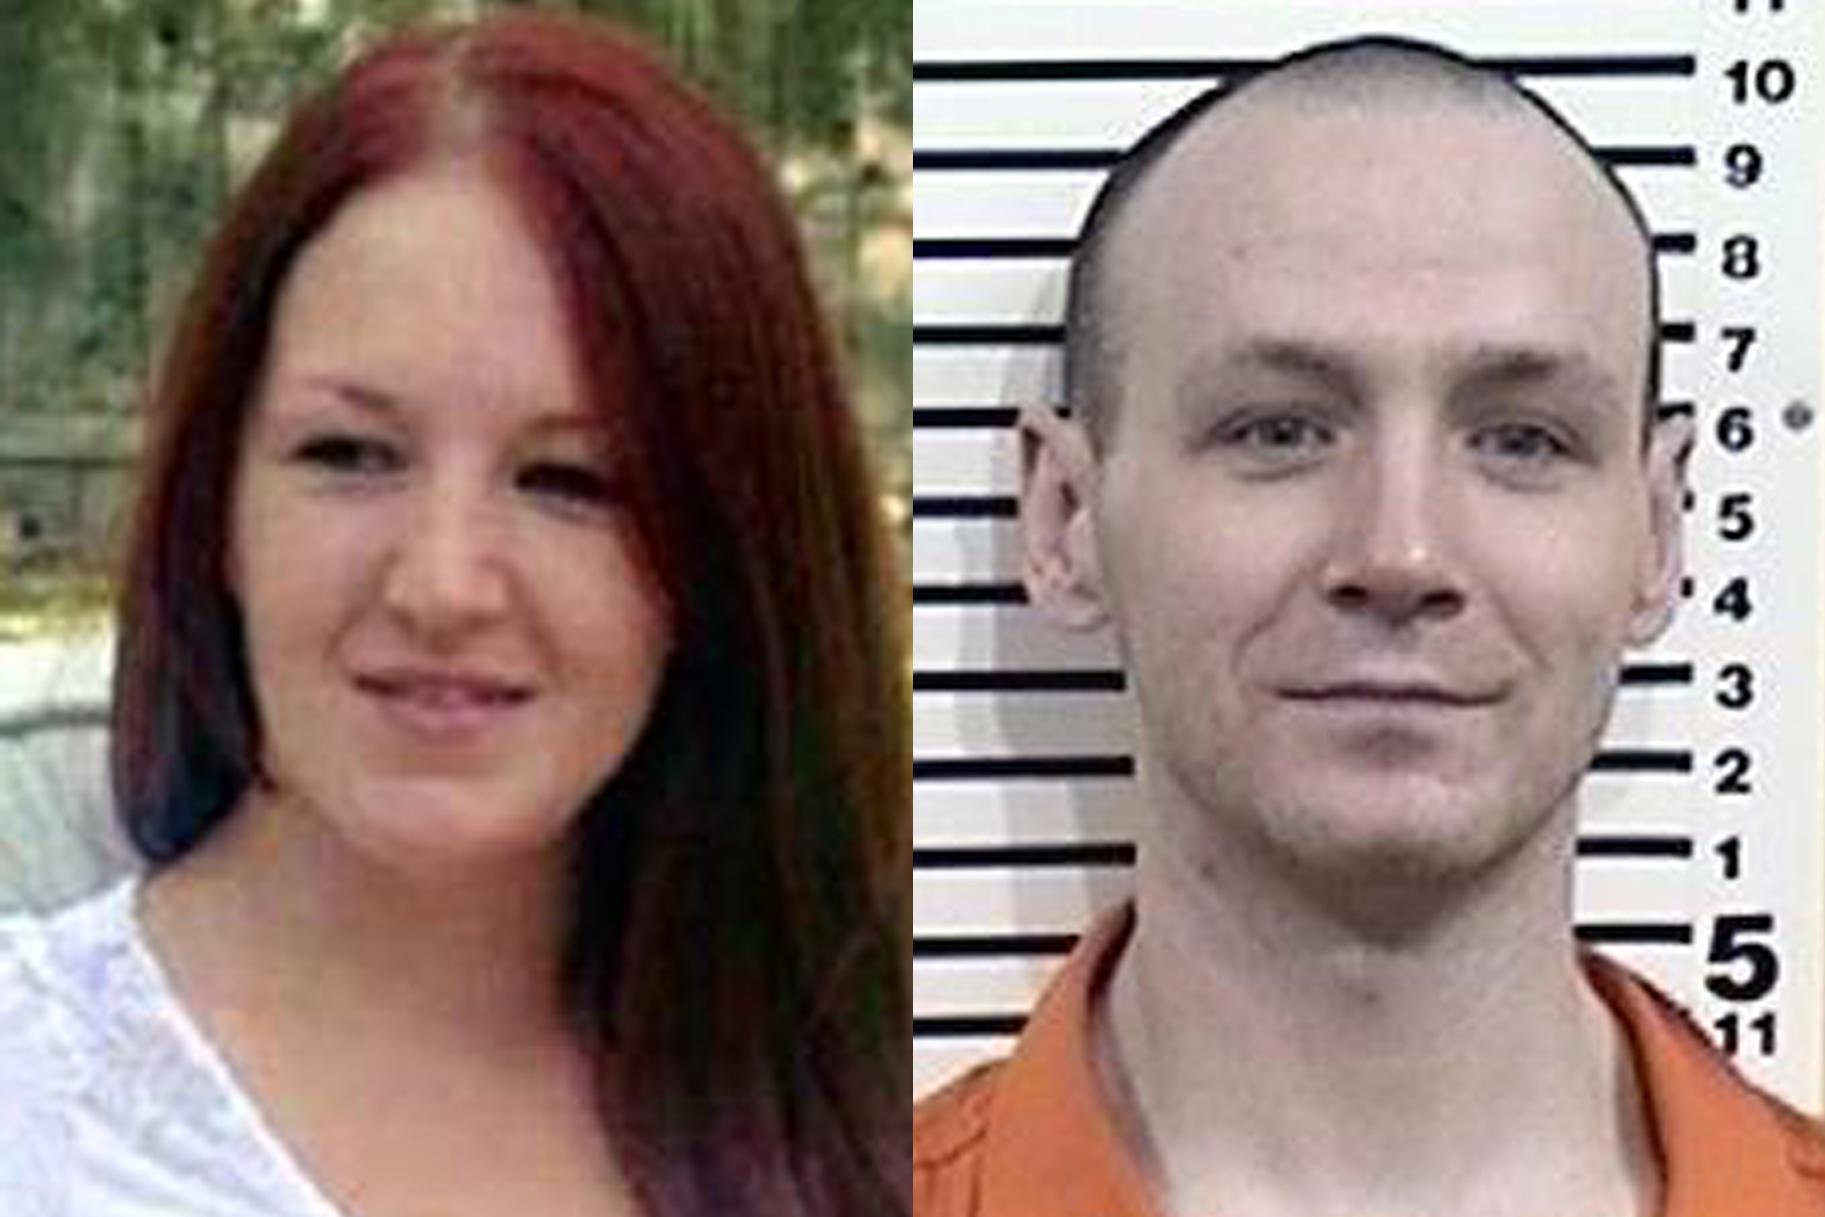 Hombre admite haber matado a una mujer cuya misteriosa muerte fue perfilada en 'Cold Justice'